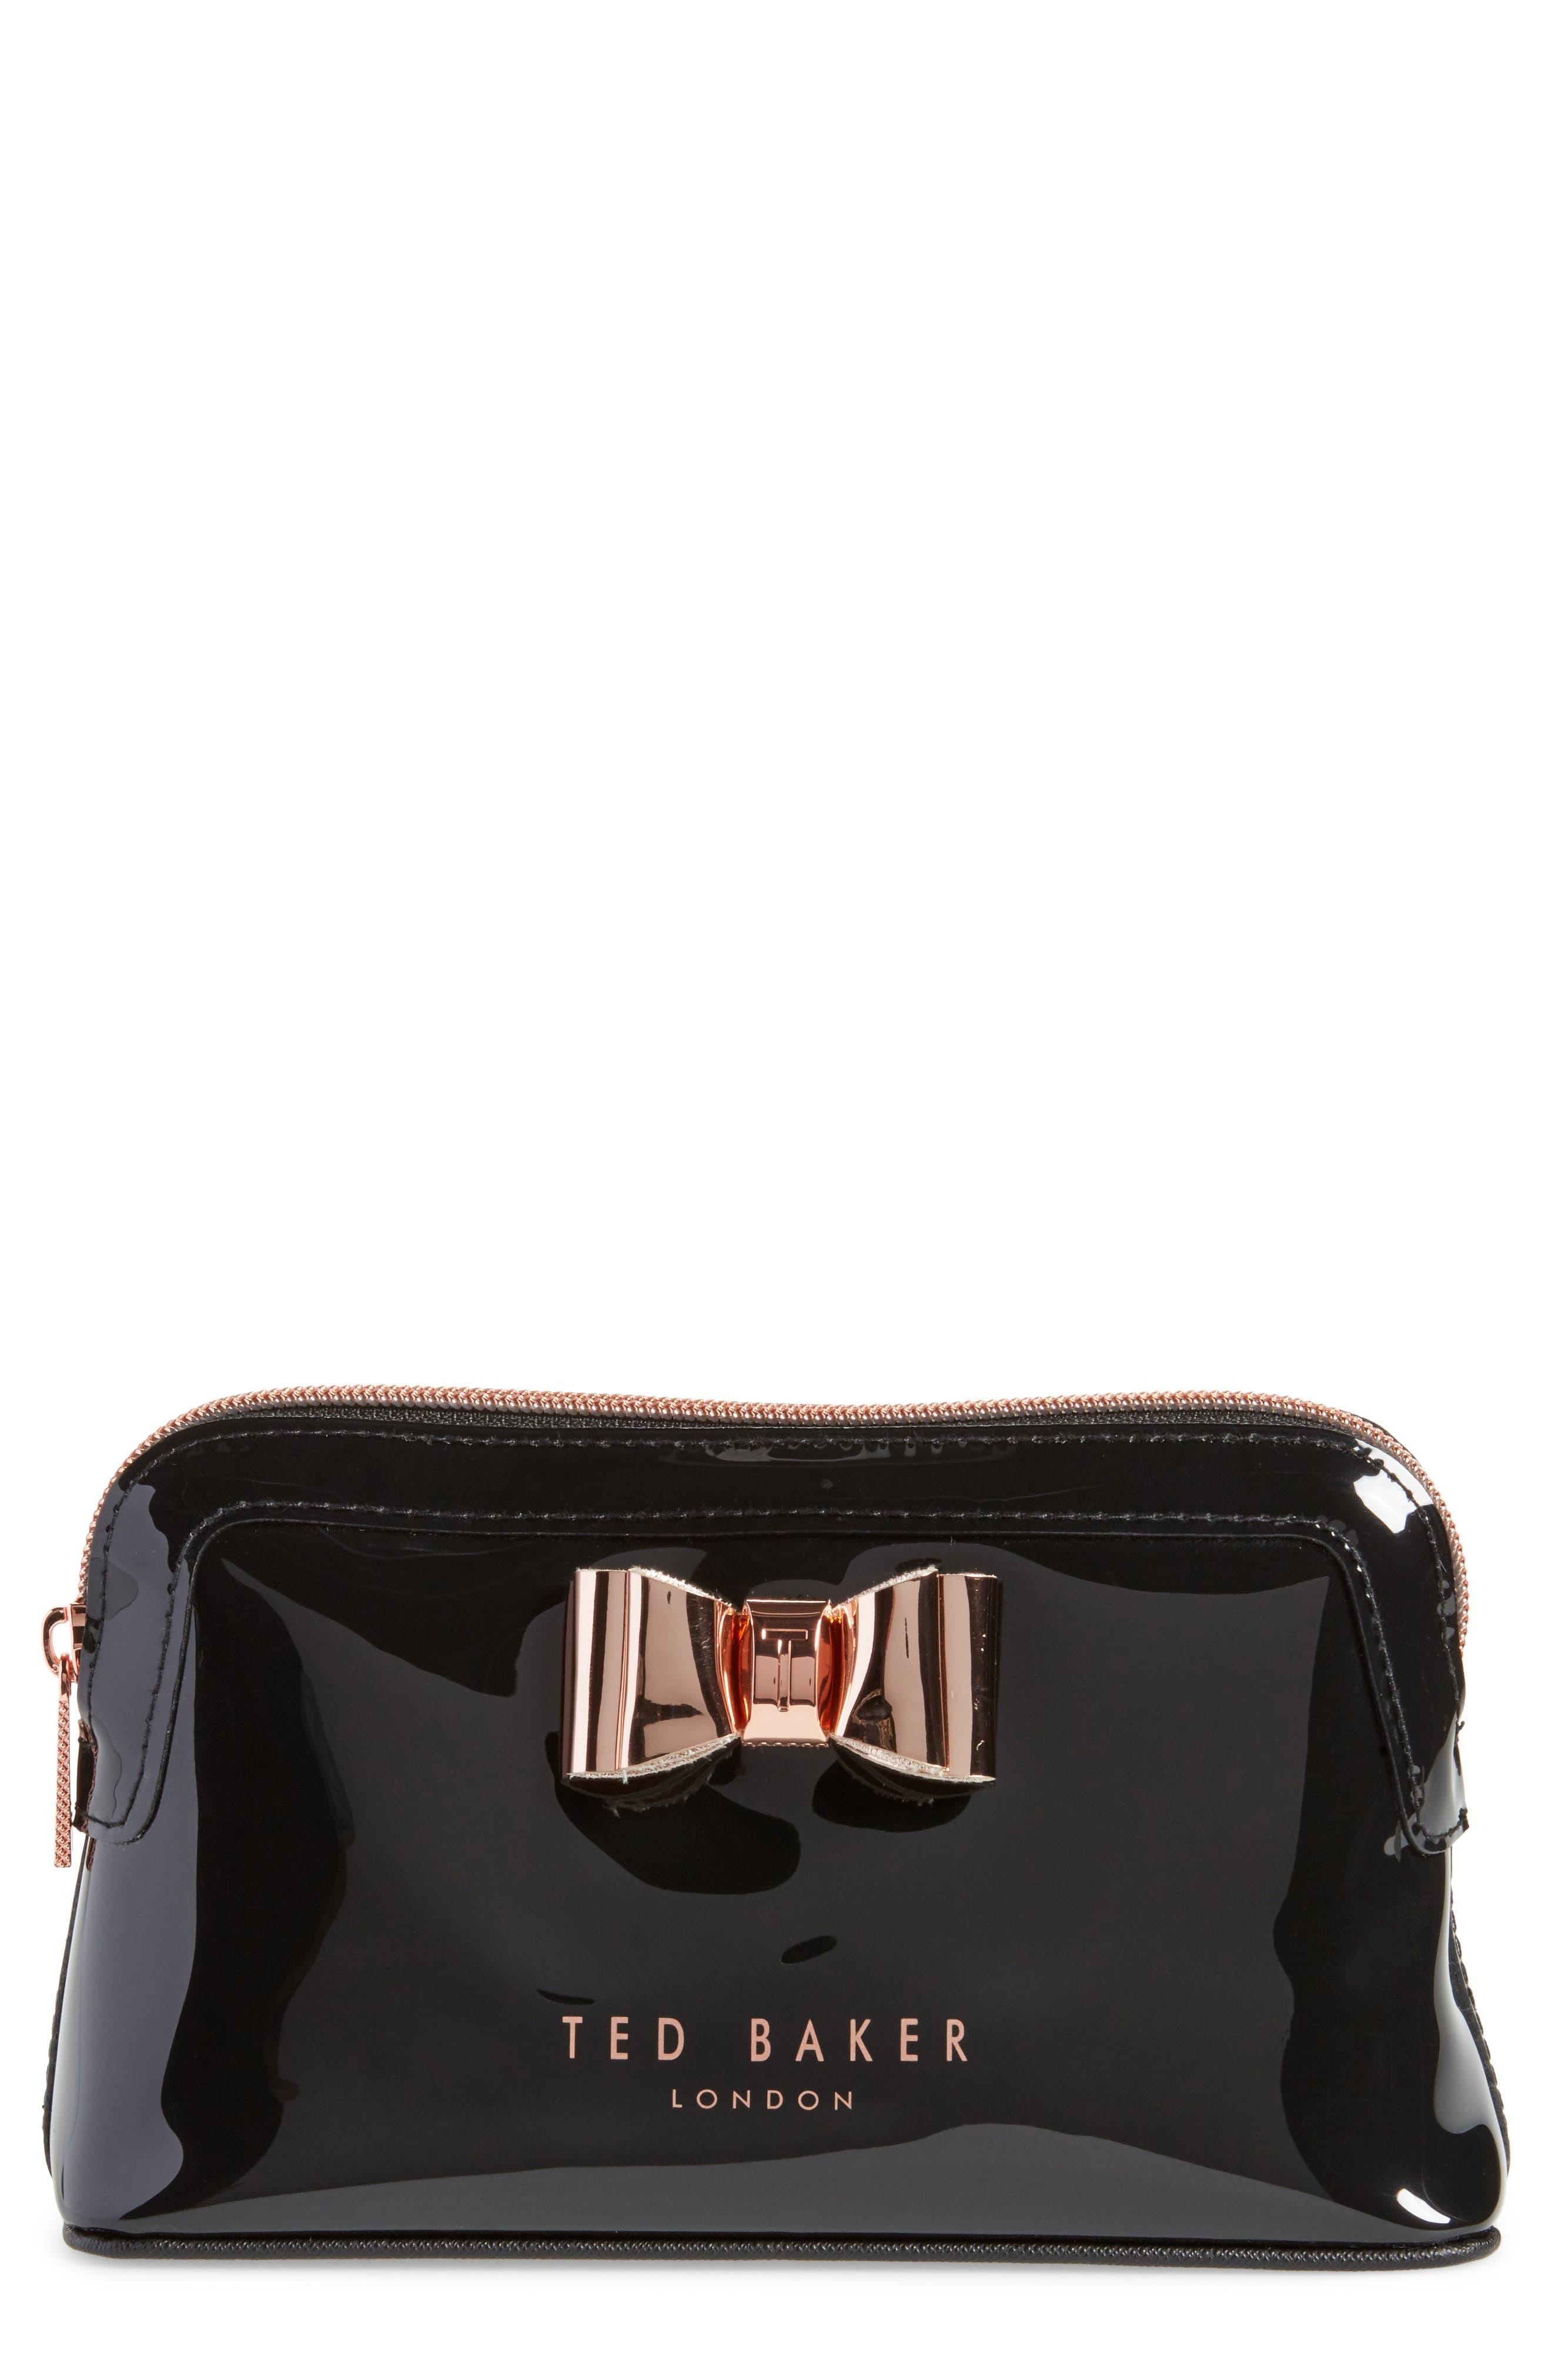 Melynda Cosmetics Case,                         Main,                         color, Black